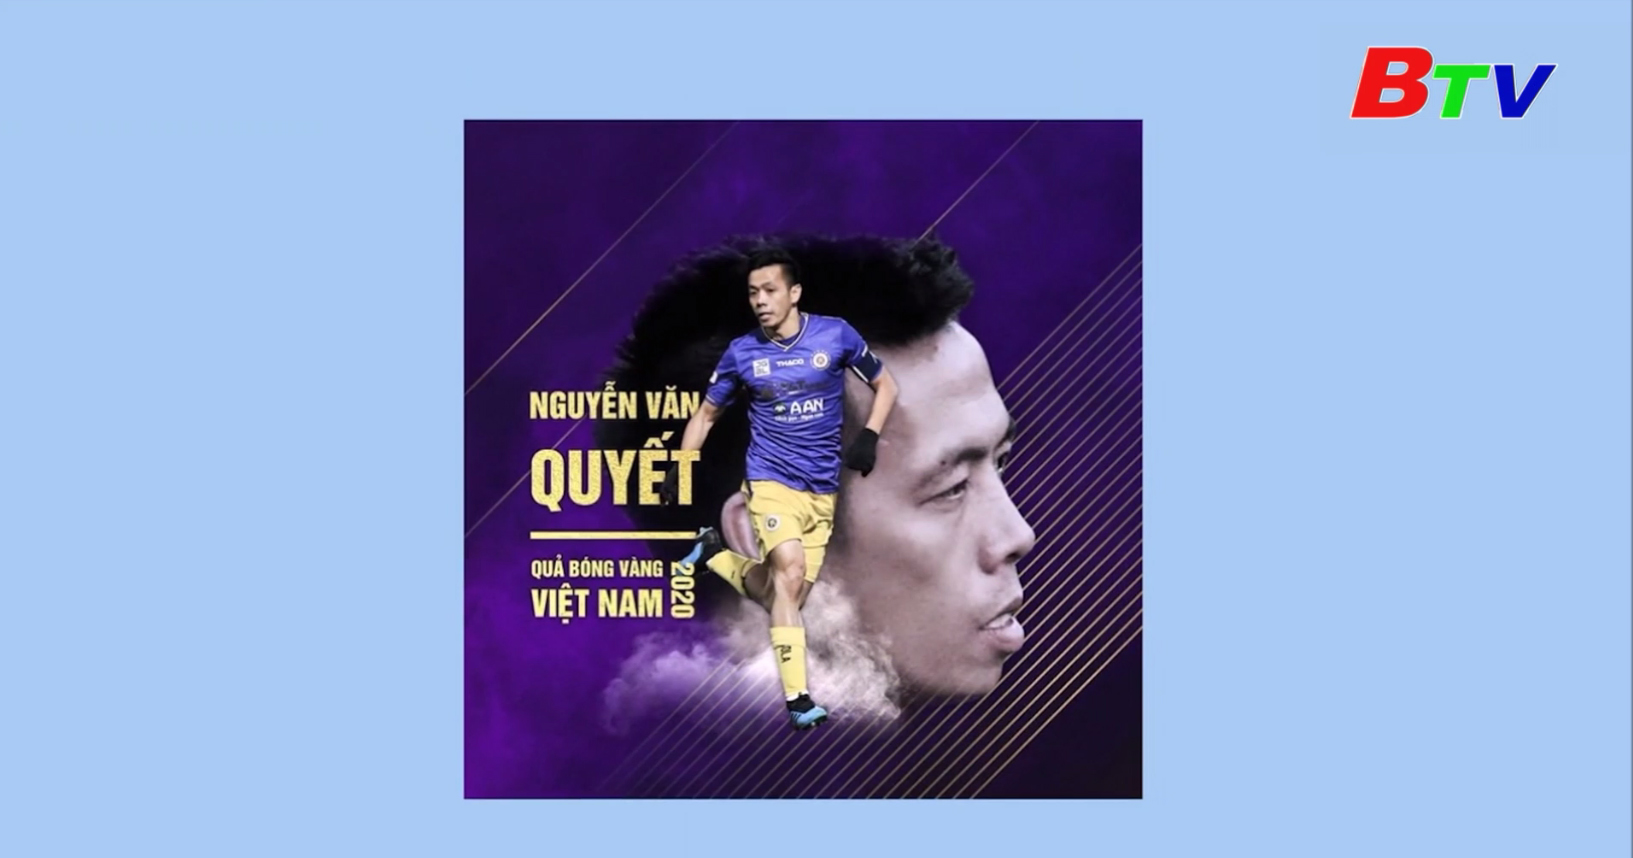 Nguyễn Văn Quyết về nhất cuộc bầu chọn huấn luyện viên, vận động viên tiêu biểu năm 2020